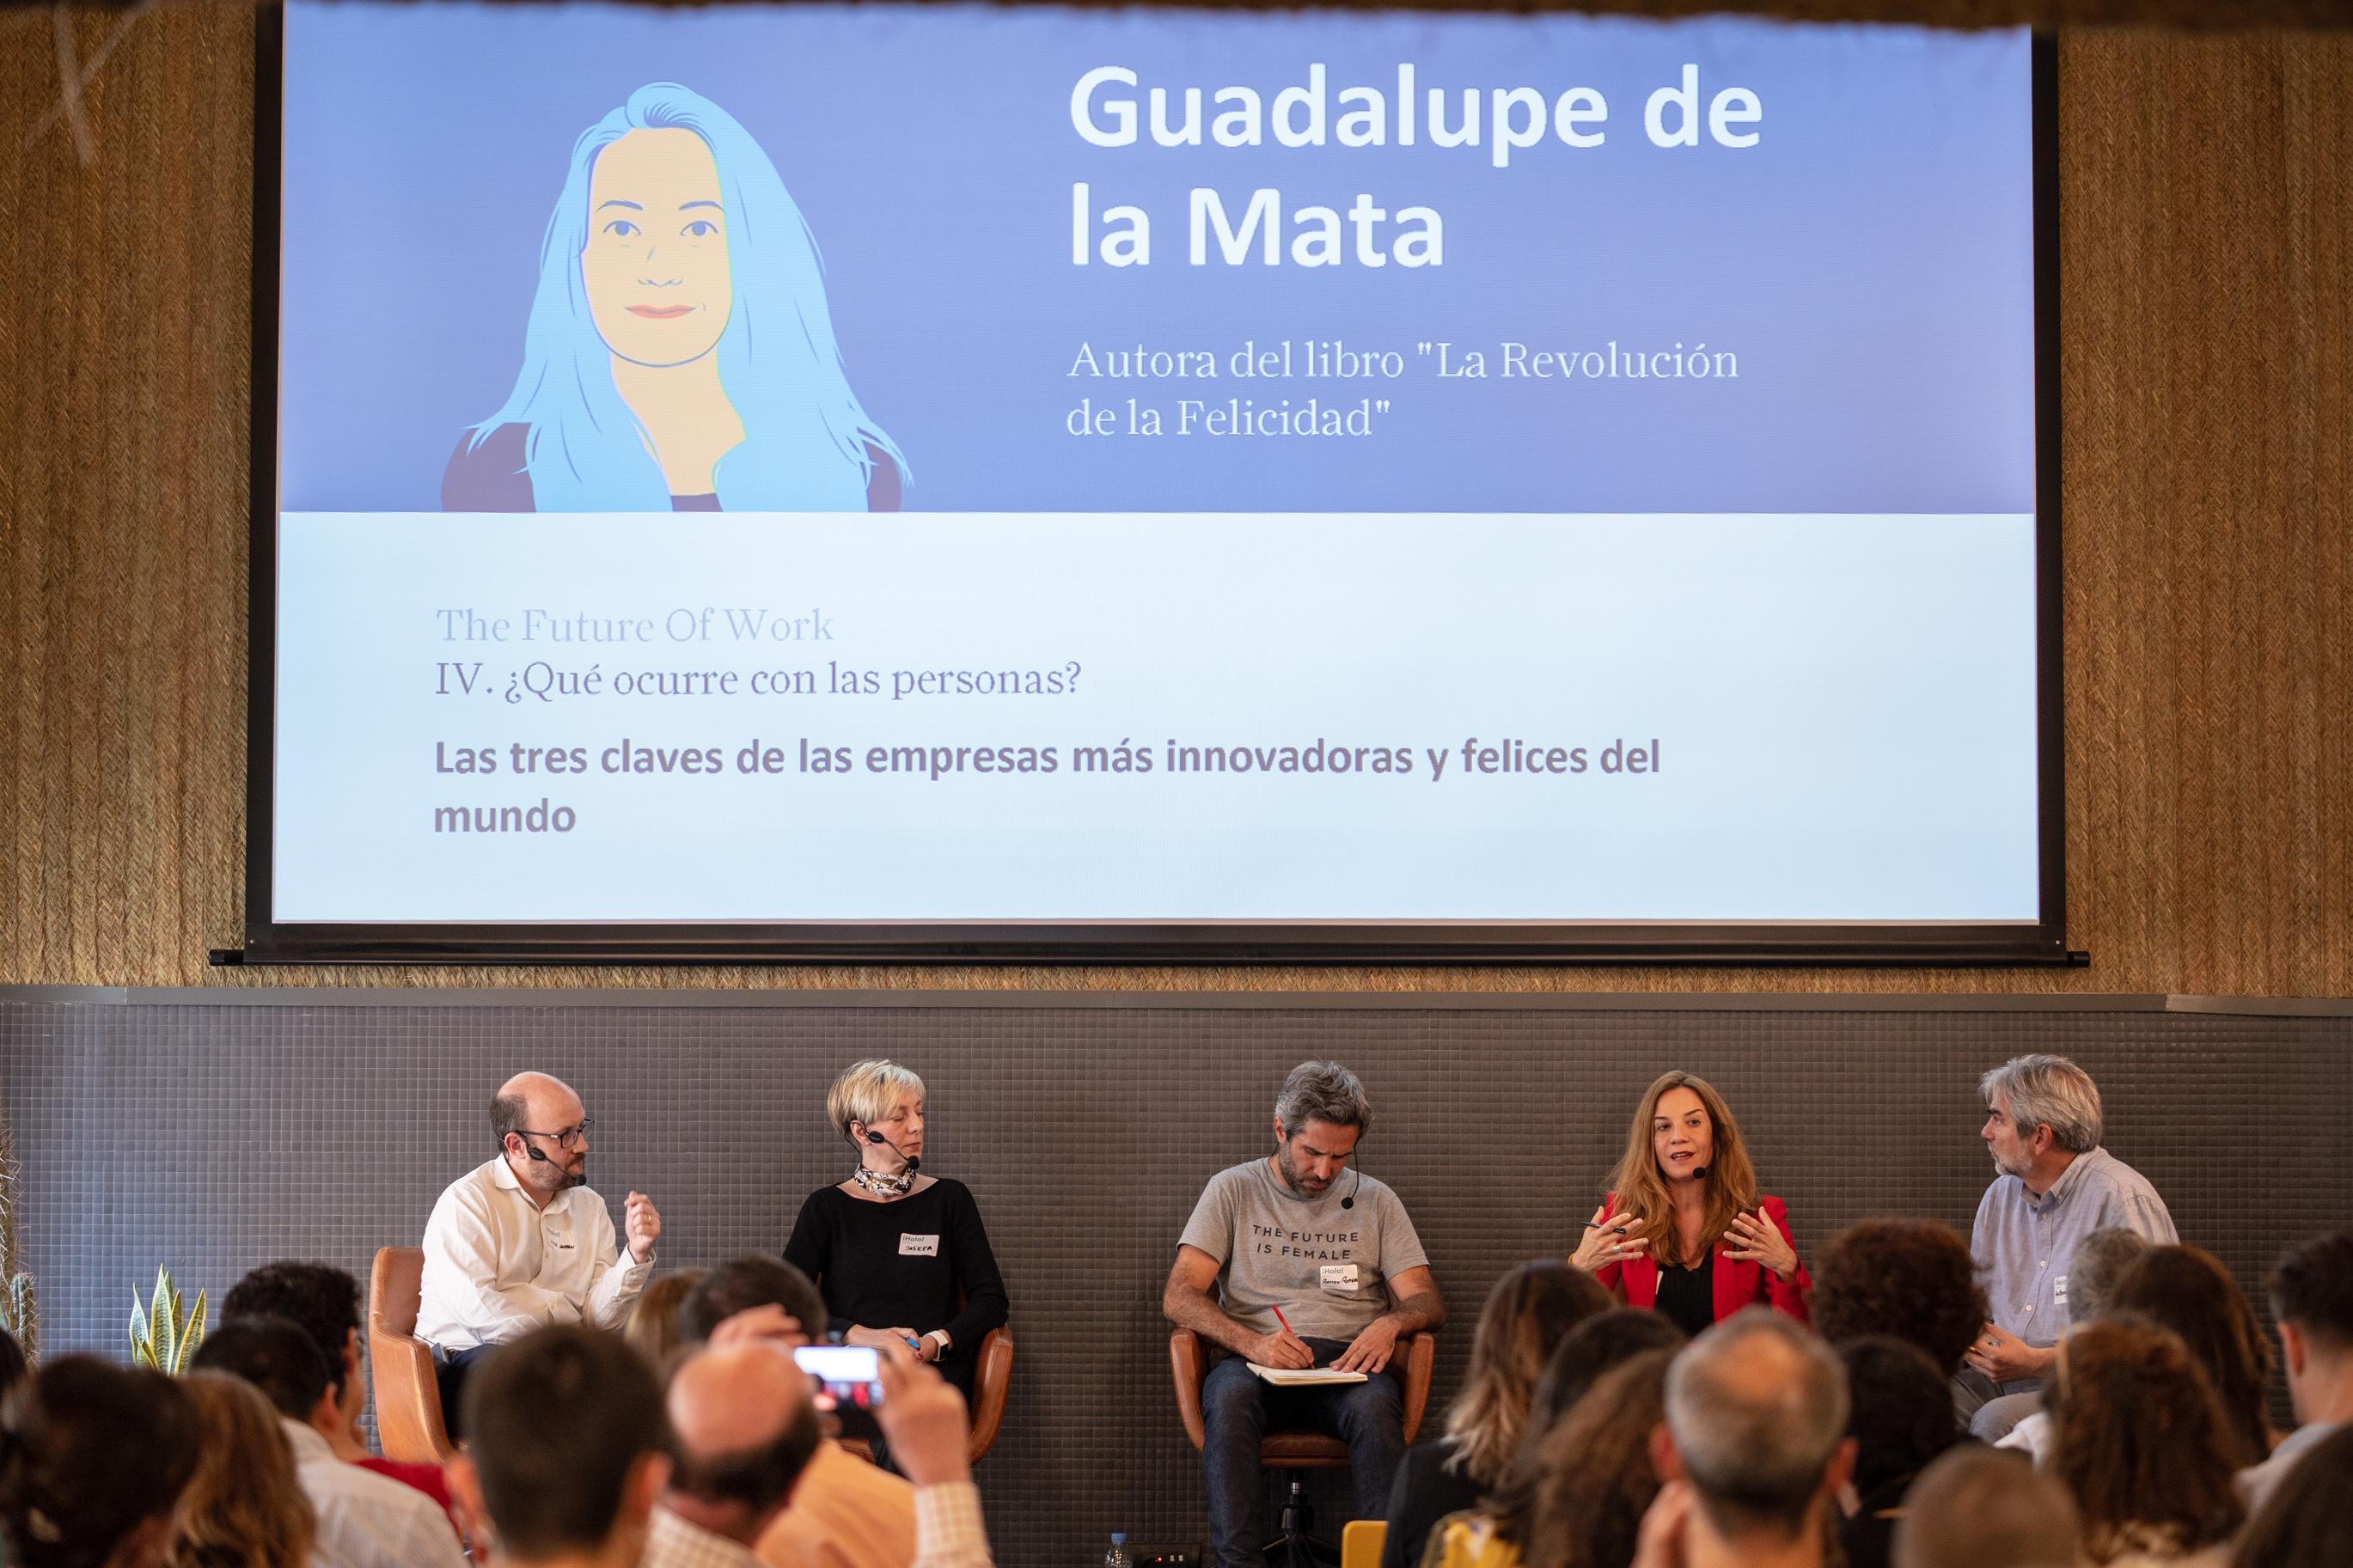 Guadalupe de la Mata Future of Work